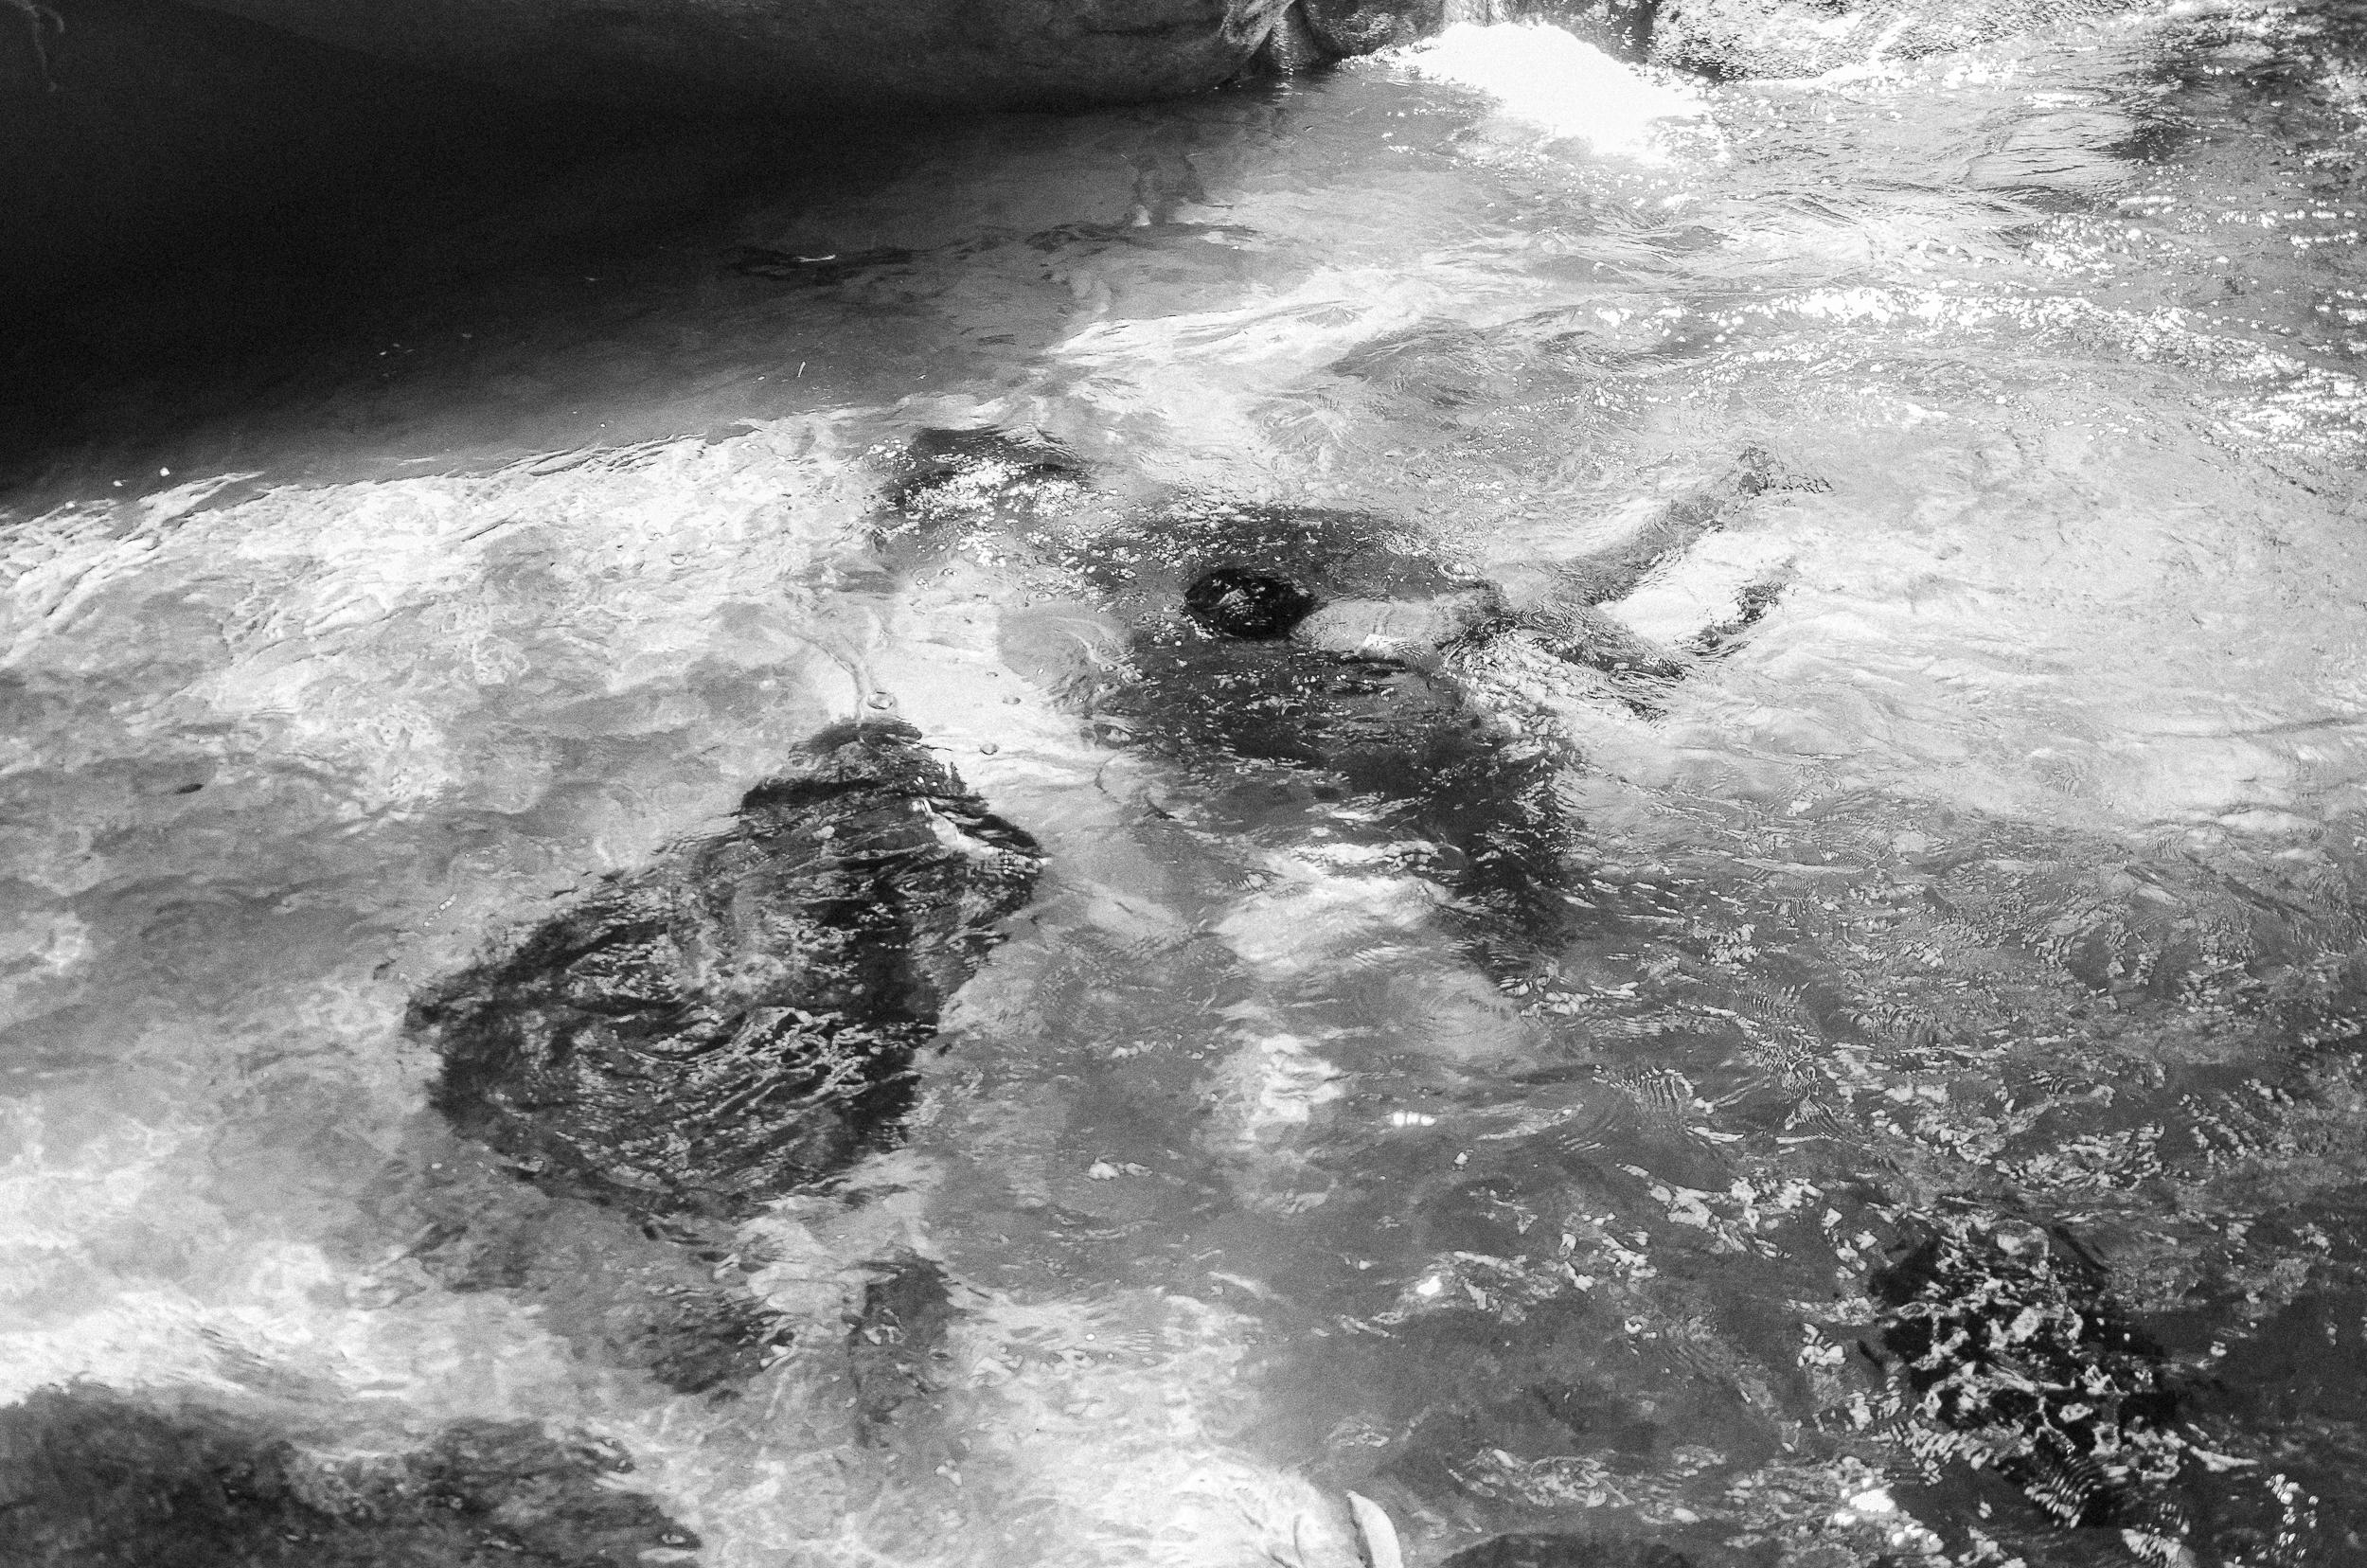 Criança guarani em banho de rio